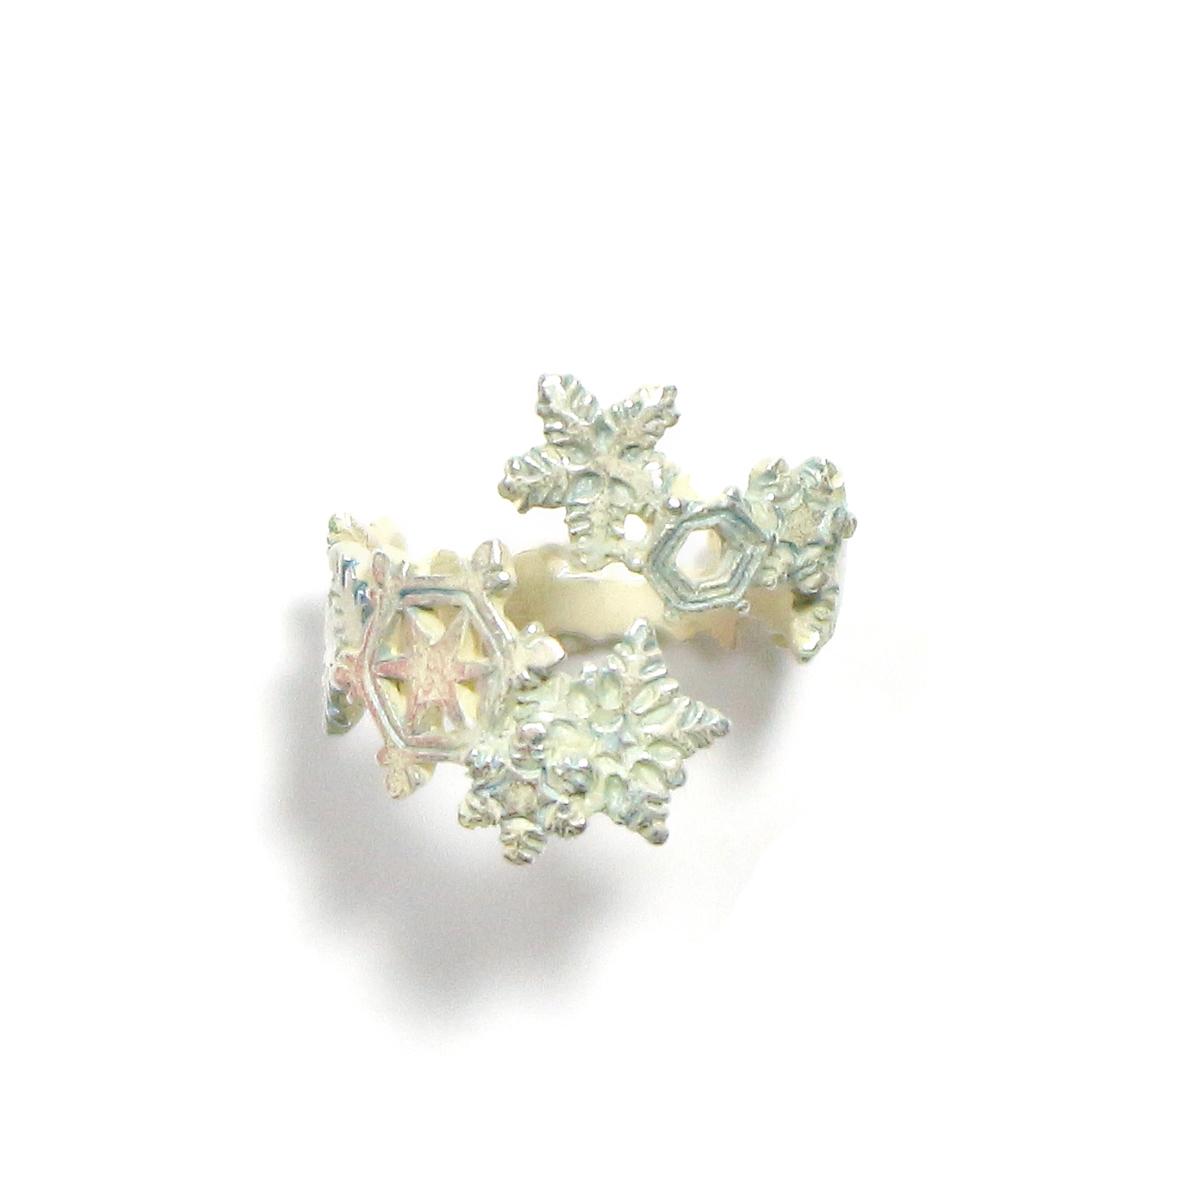 ダイアモンドダストリング/ リング